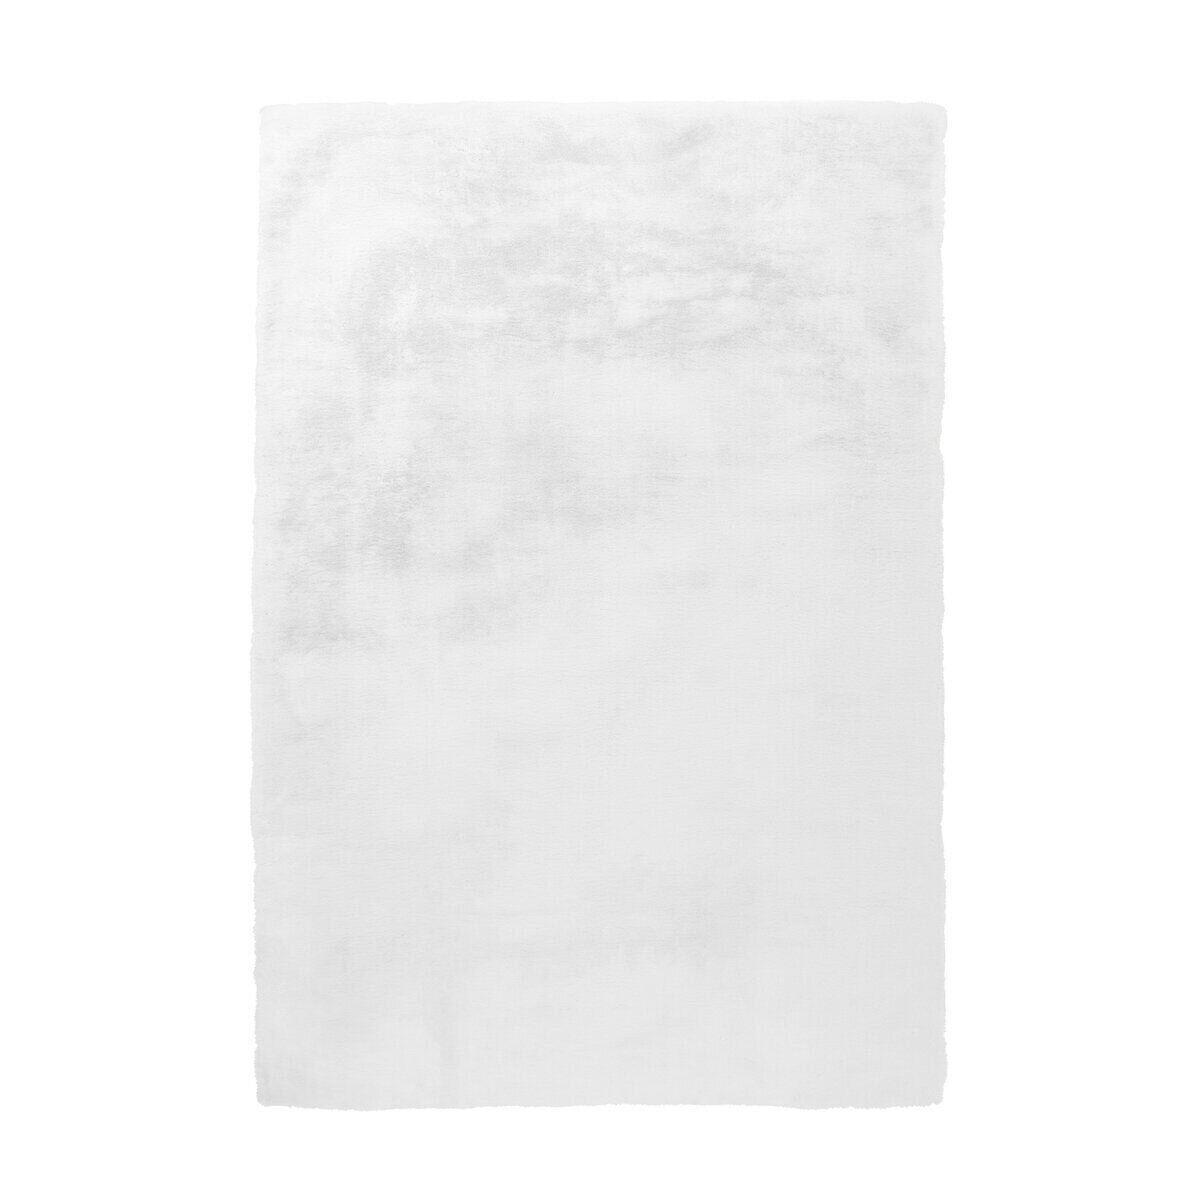 Однотонный очень мягкий ковёр ручной работы, имитирующий мех кролика Rabbit, белый